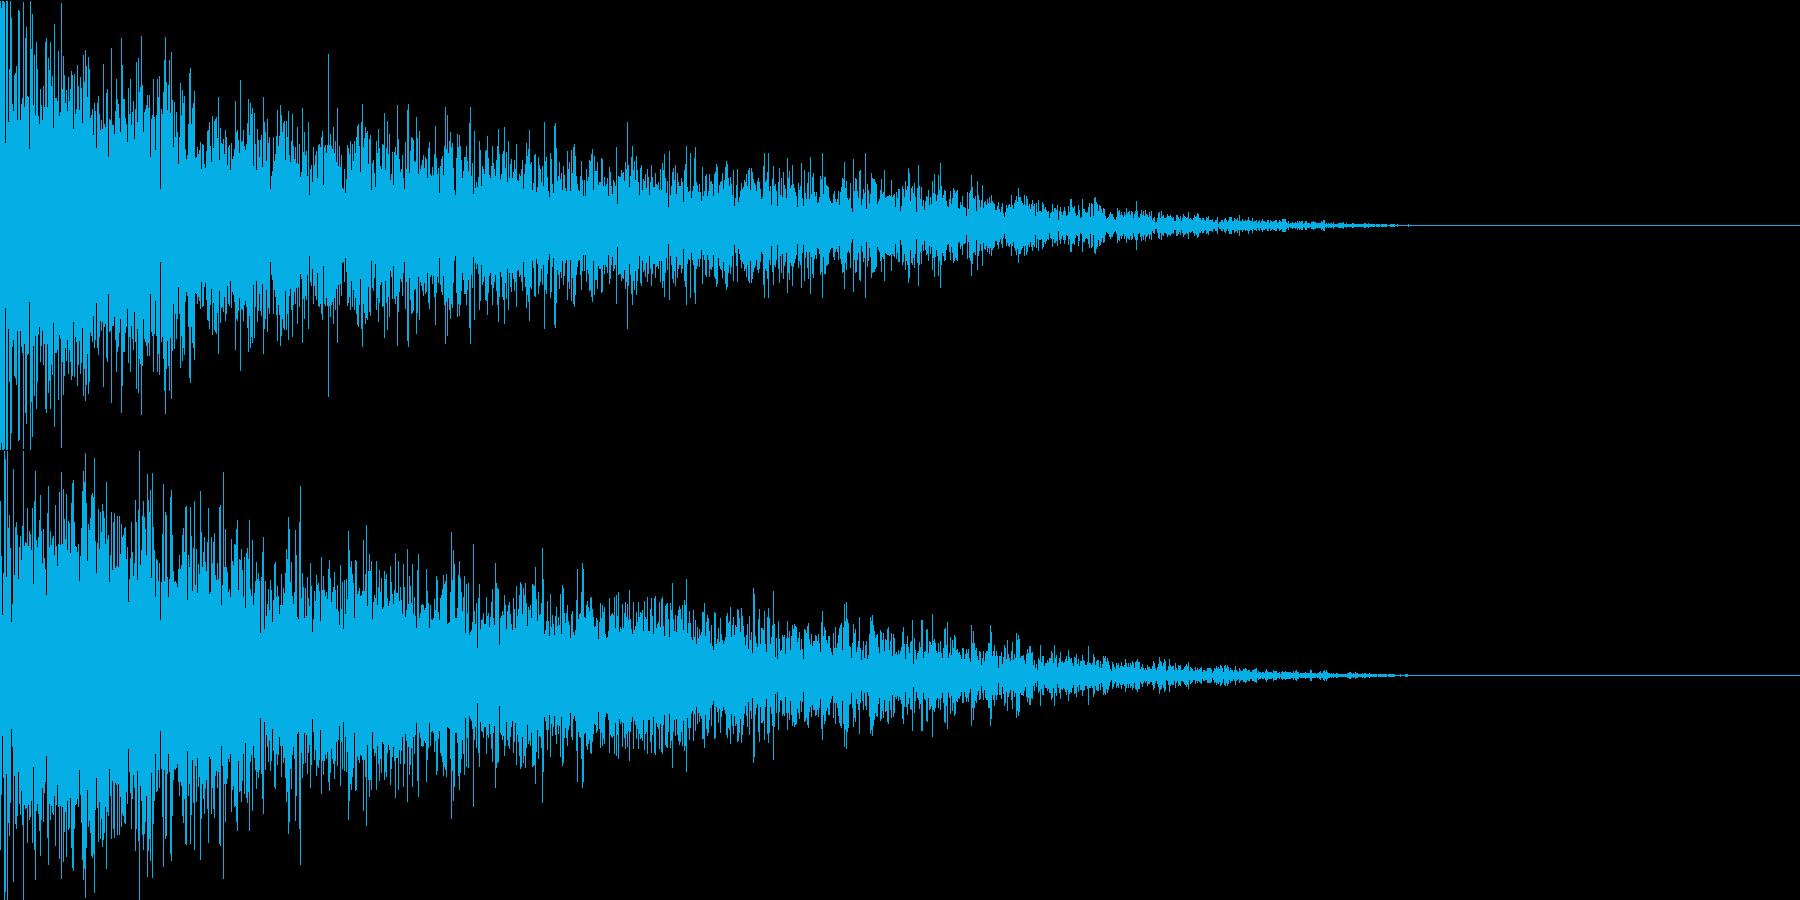 バキューン(銃撃音)の再生済みの波形